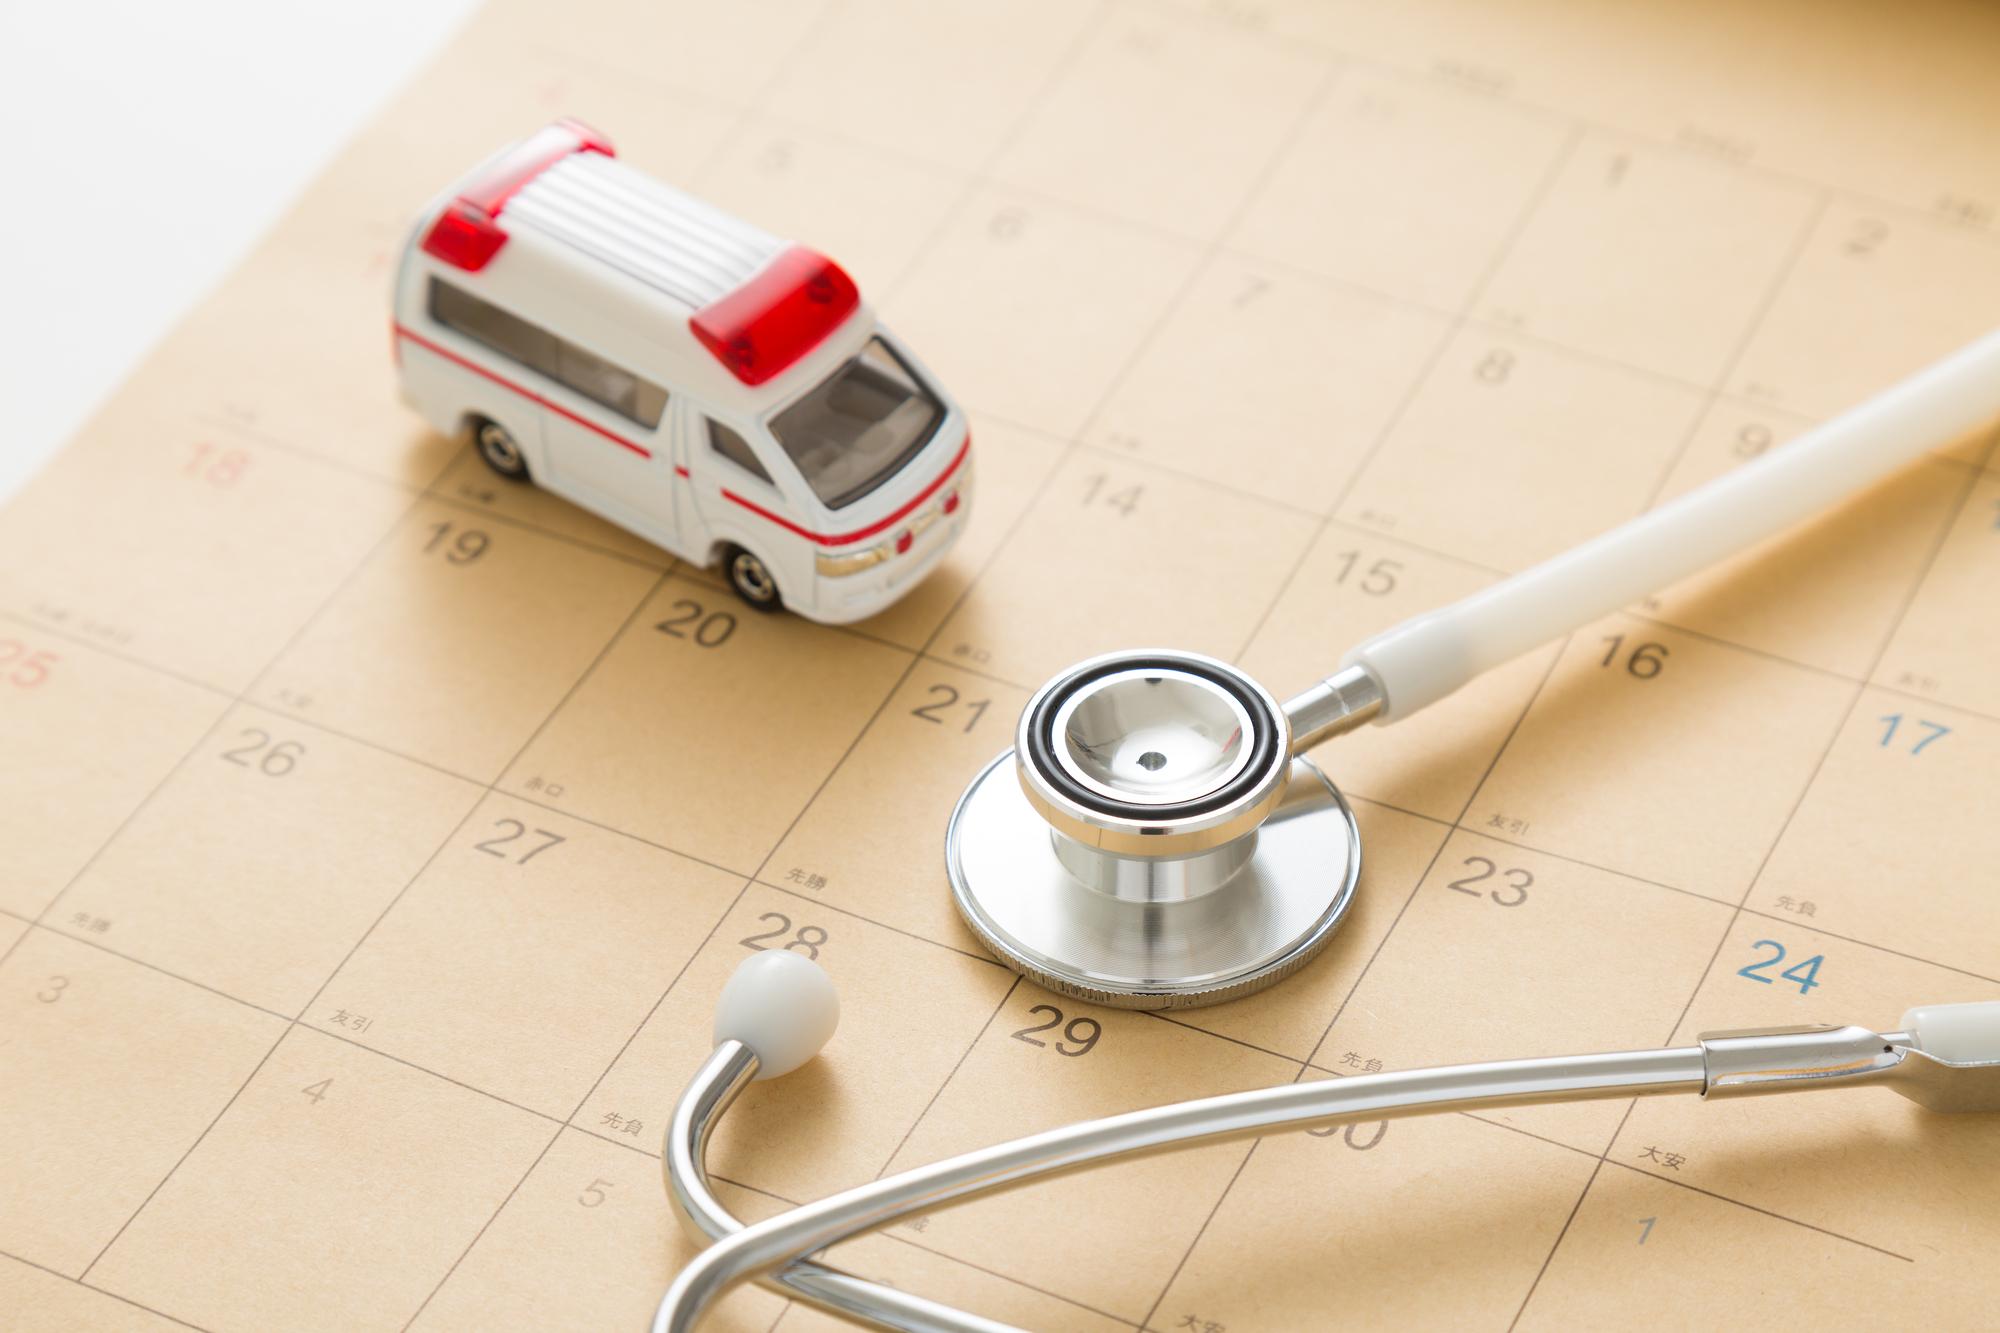 連休で病院がおやすみに?大型連休時(GWなど)に起こる医療問題